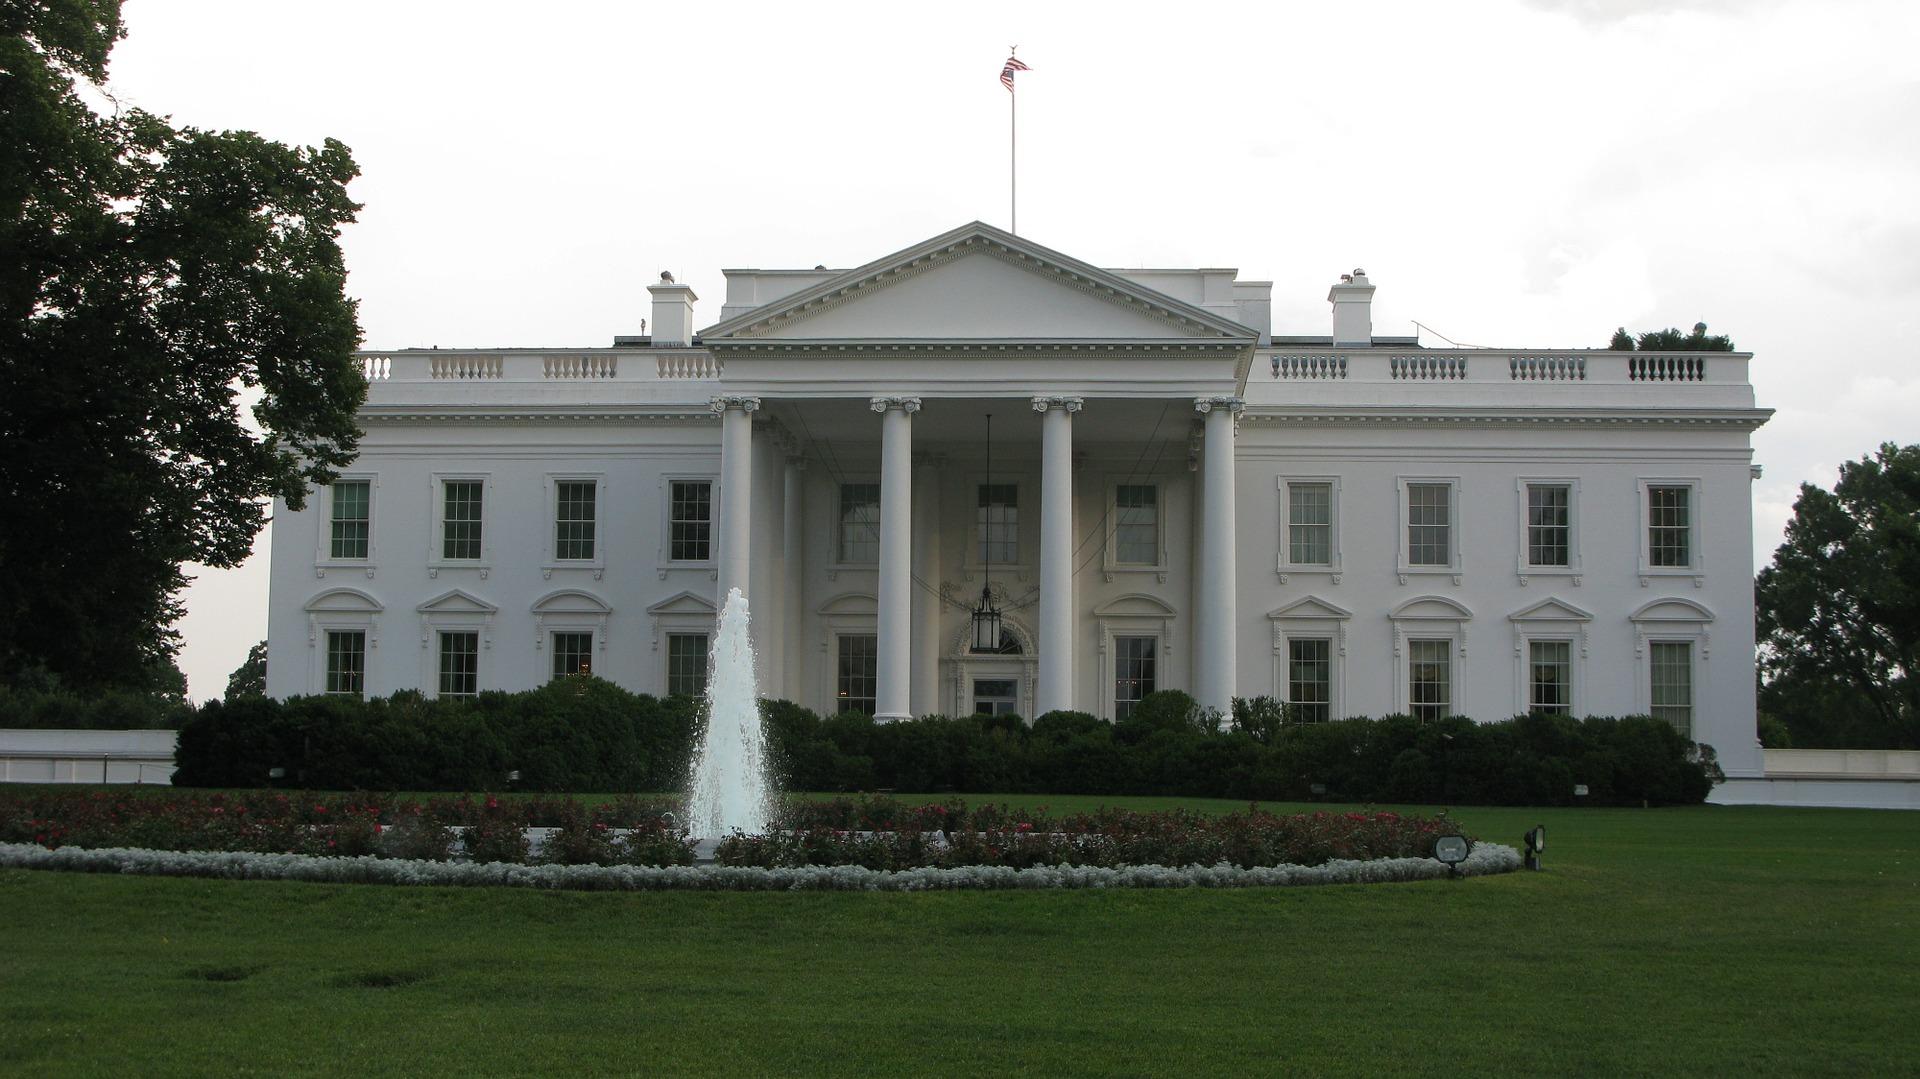 米国大統領選挙の一般投票州際協定が有効になったときの法的な論点